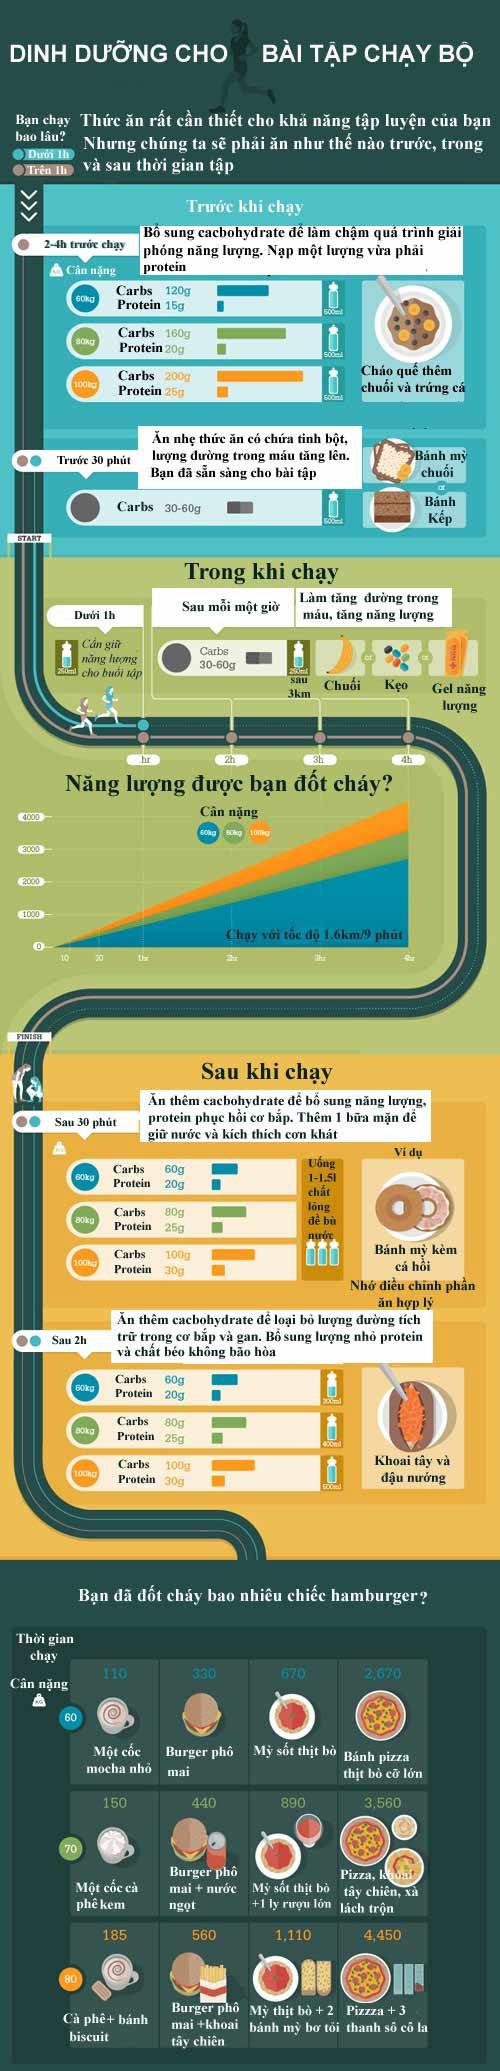 lịch trình kế hoạch, chế độ, bài tập chạy bộ giảm cân giảm mỡ bụng dưới trong 1 tuần, 1 tháng